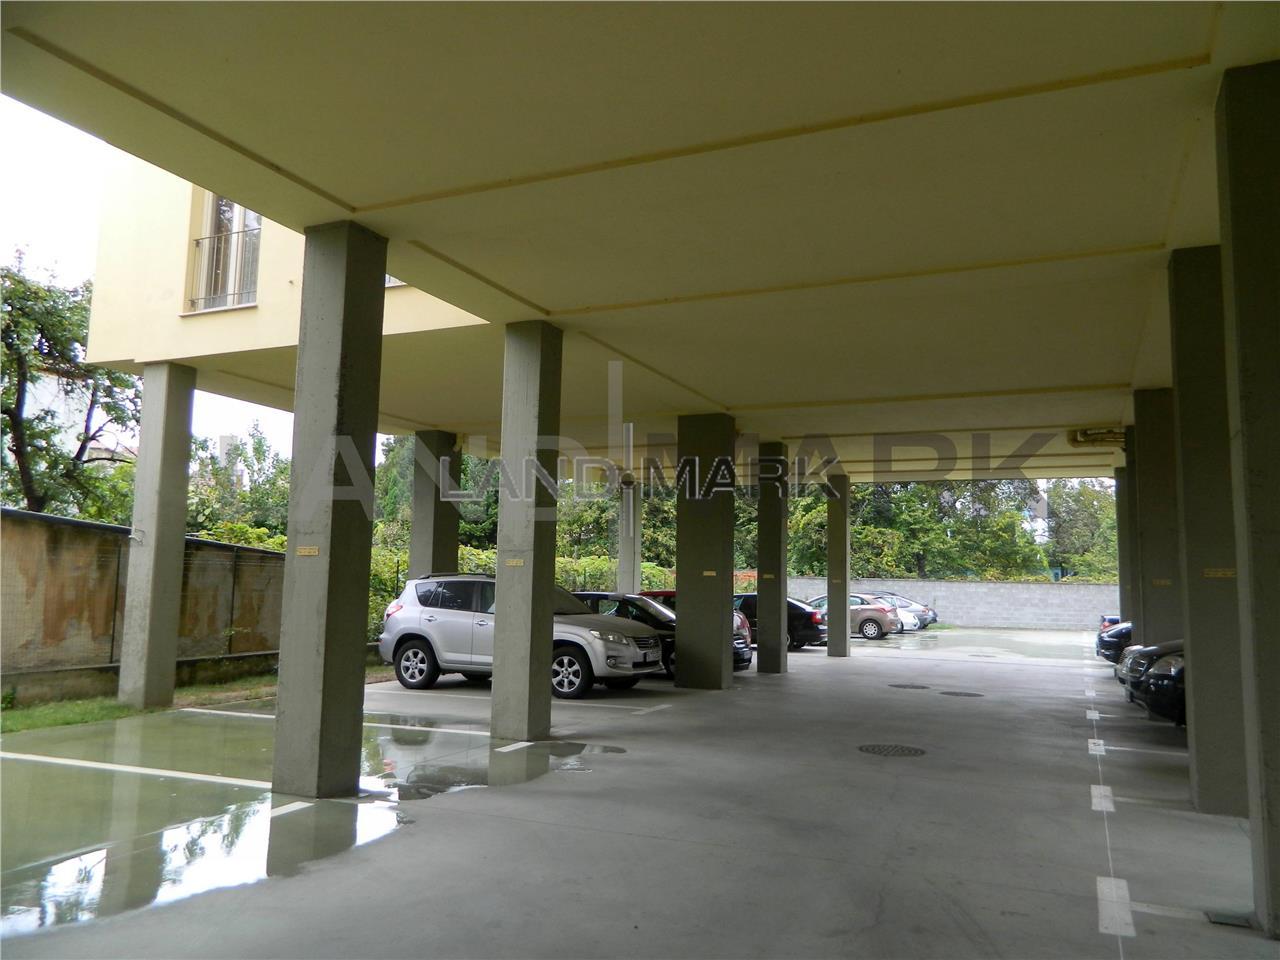 Spatiu birouri, cladire noua central, parcare privata.